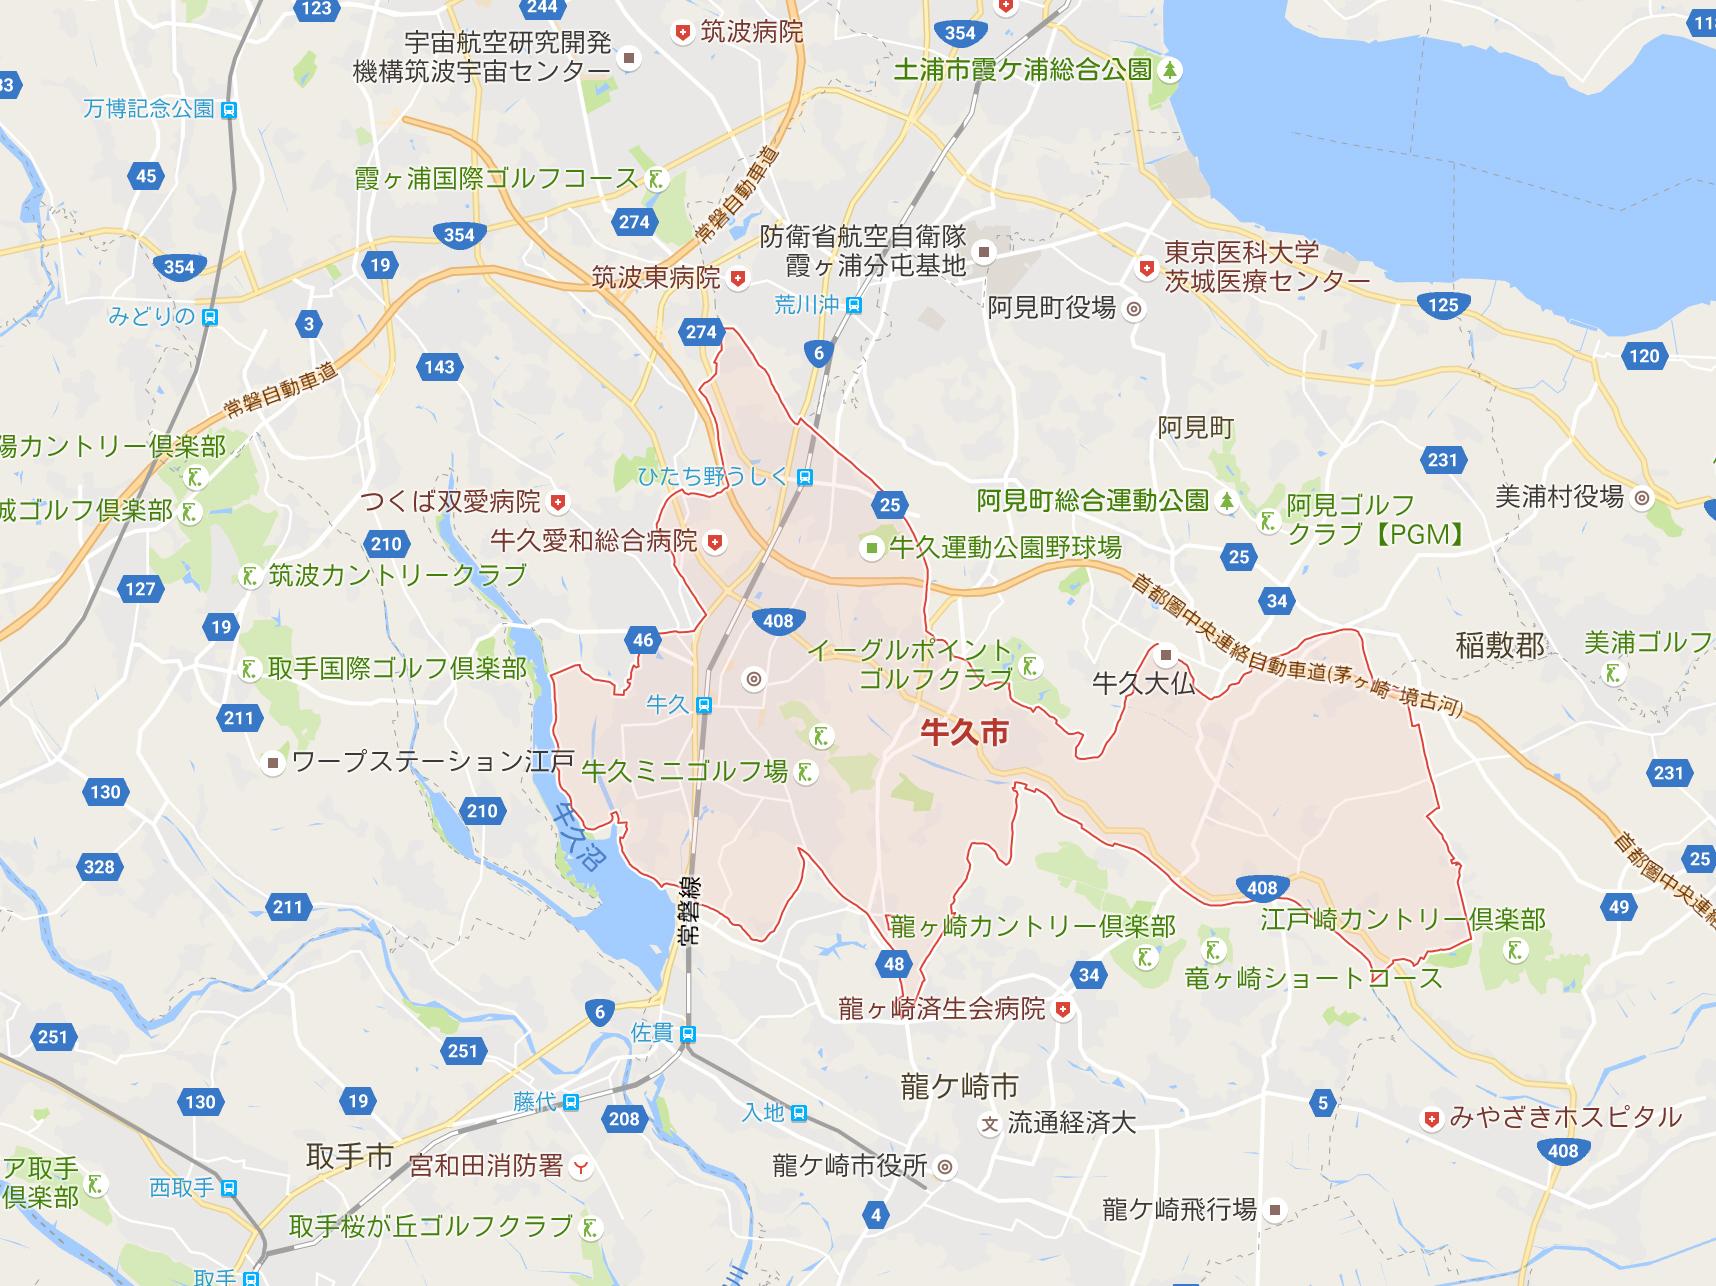 牛久市のエステサロン参考マップ